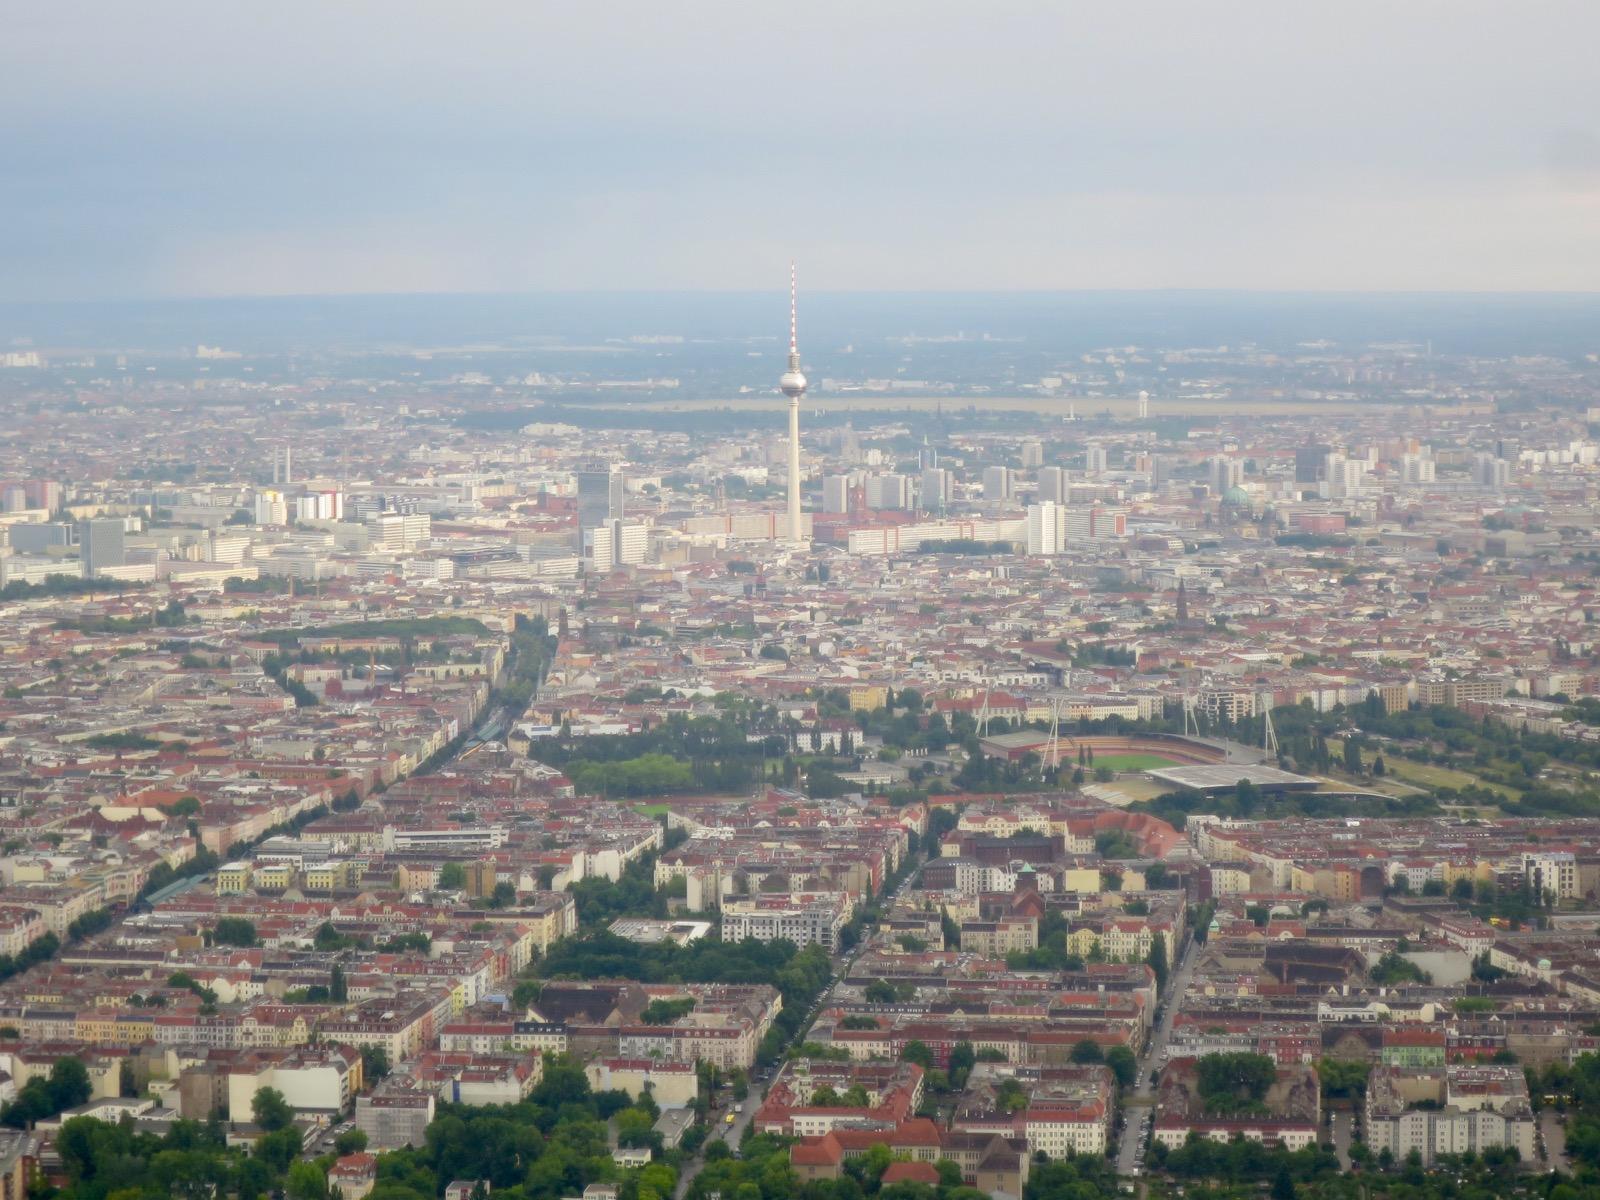 Tv-torni tervehtii Berliiniin saapuvaa, jos muistaa varata paikan vasemmalta puolelta konetta. Edestä parhaat näkymät!